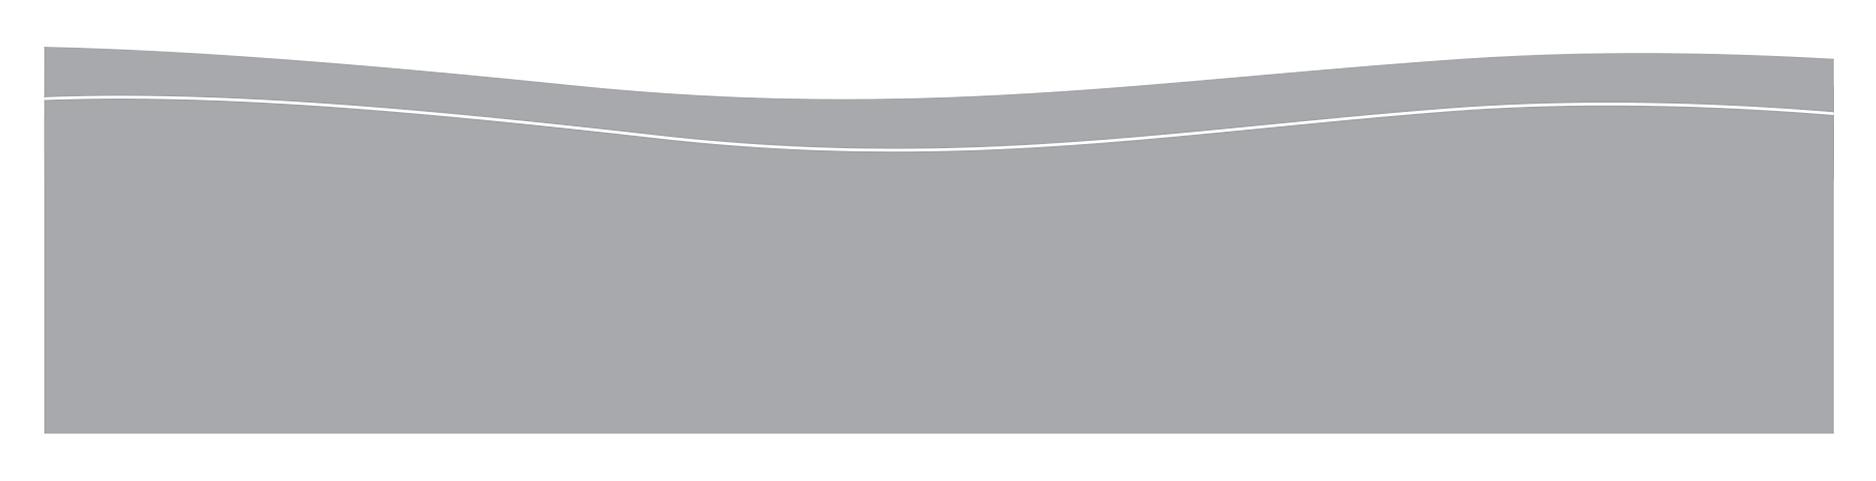 JP Curve Bottom header.1.png